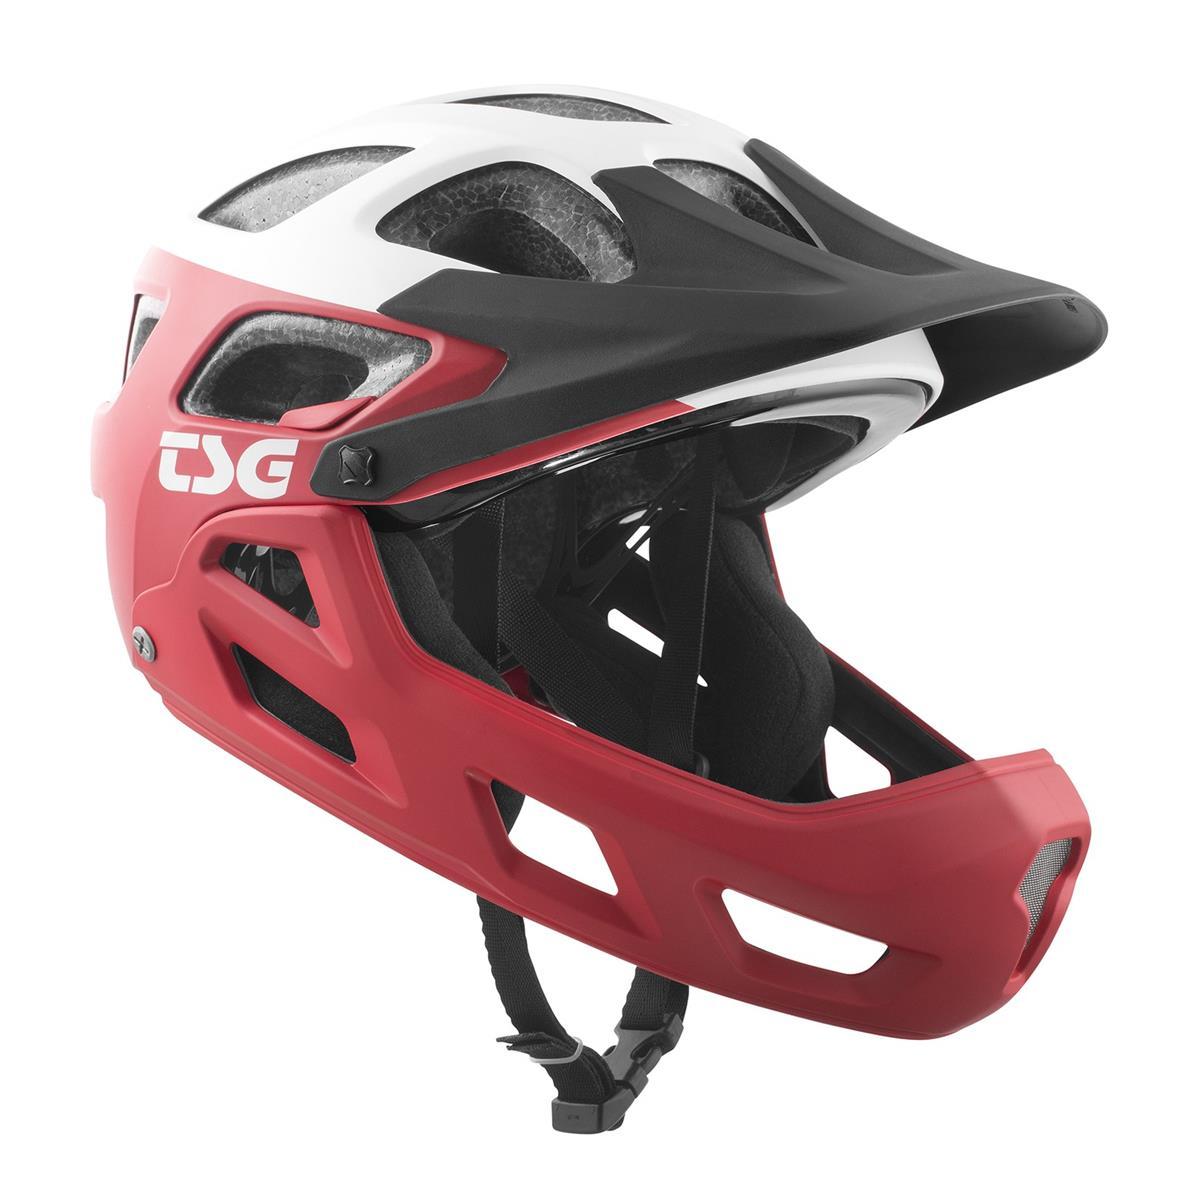 TSG Kids Trail-MTB Helm Seek Graphic Design - Block Rot/Weiß